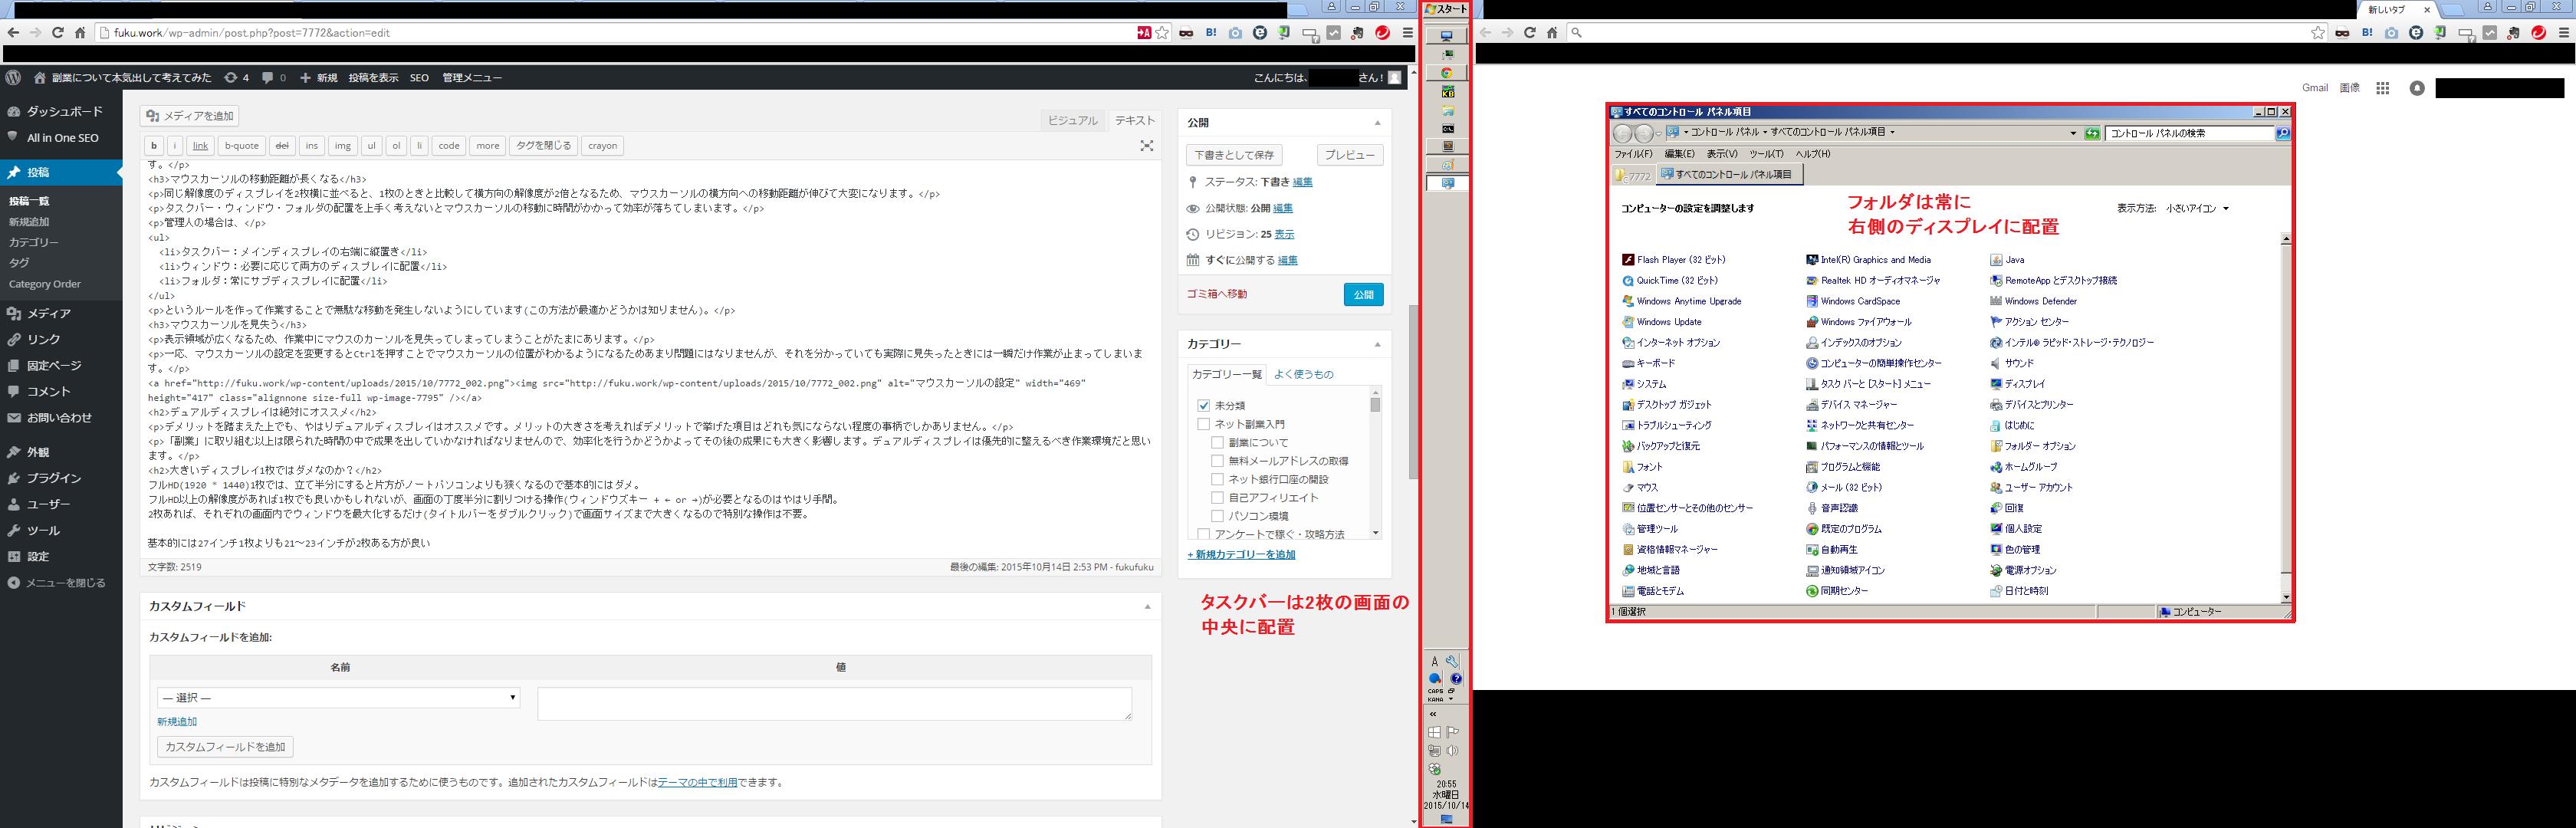 デュアルディスプレイ環境におけるタスクバー・ウィンドウ・ディスプレイの配置方法